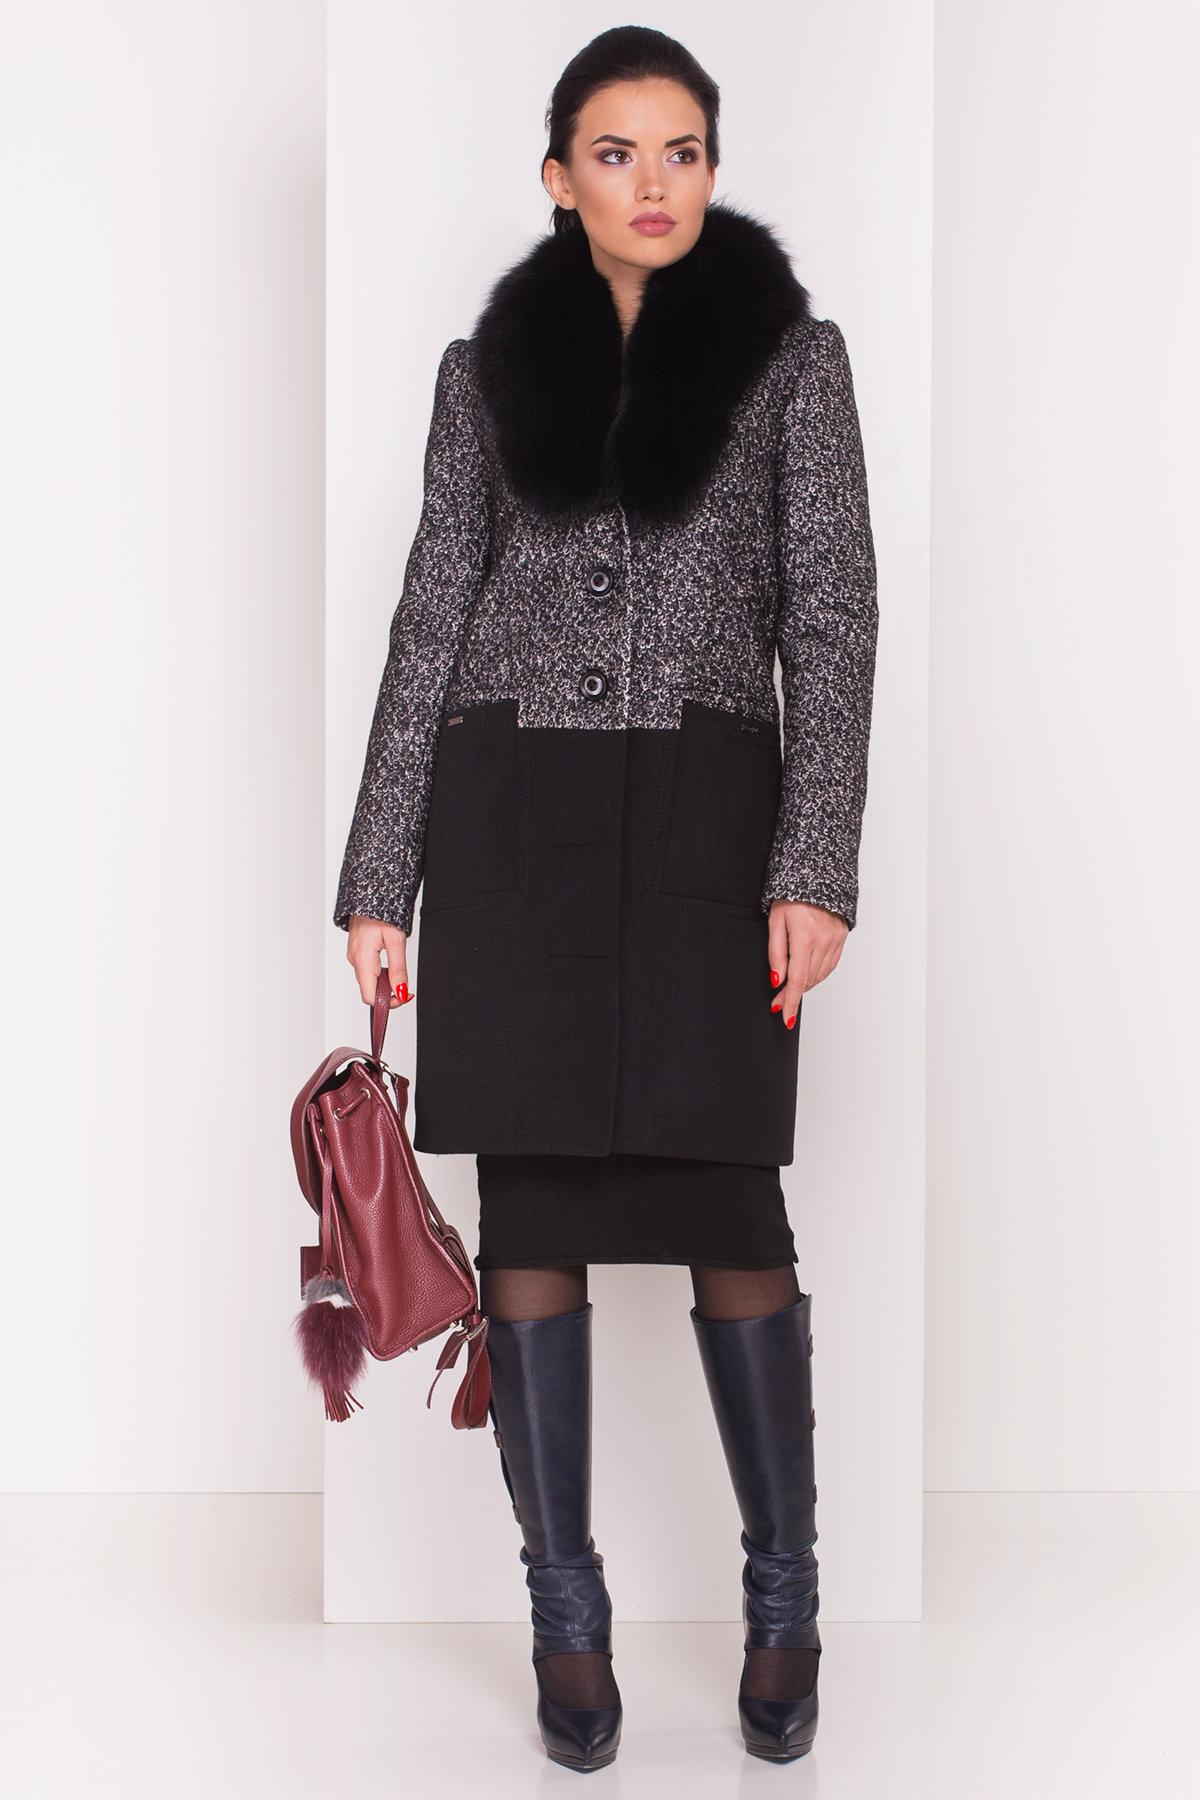 Пальто зима Мальта 0648 АРТ. 7363 Цвет: Чёрно-серый / Черный - фото 2, интернет магазин tm-modus.ru